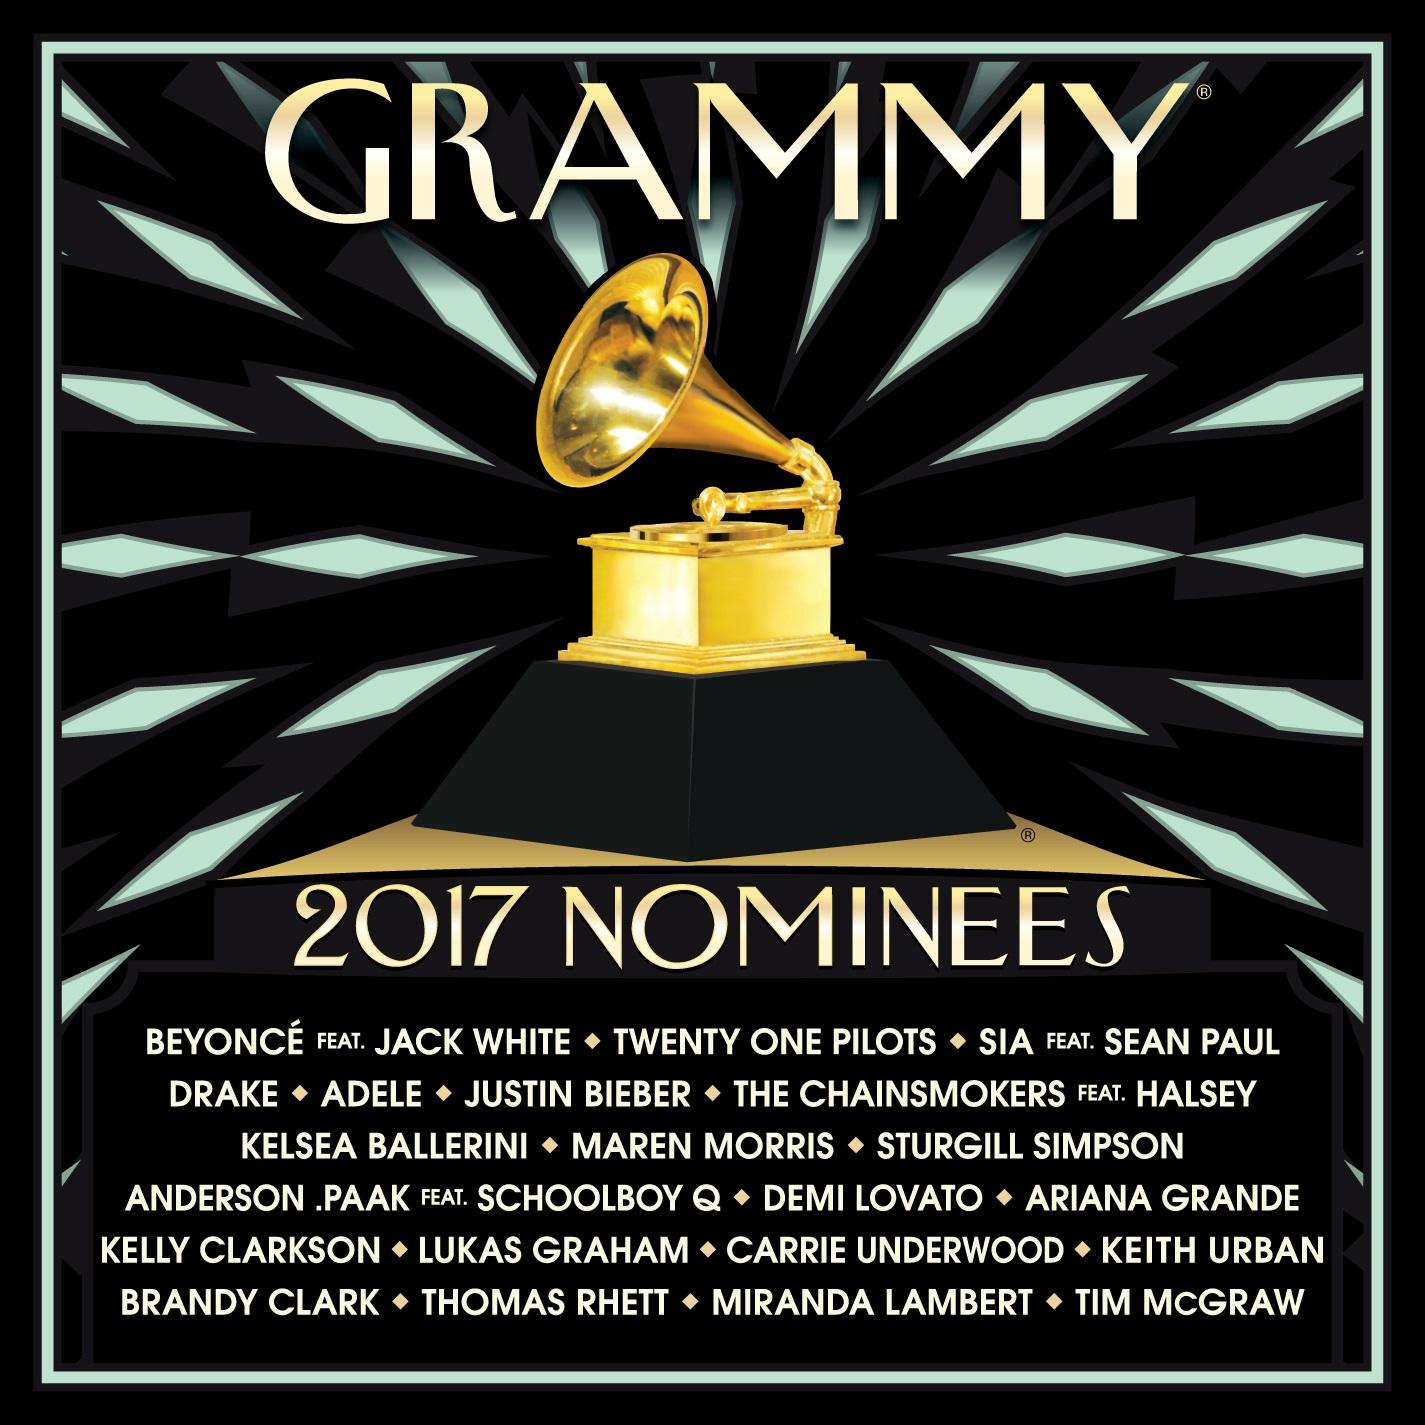 Сборник – 2017 Grammy Nominees (CD)Представляем новейший выпуск самого успешного ежегодного сборника 2017 Grammy Nominees. 21 хитовый трек от суперзвезд и начинающих молодых талантов!<br>